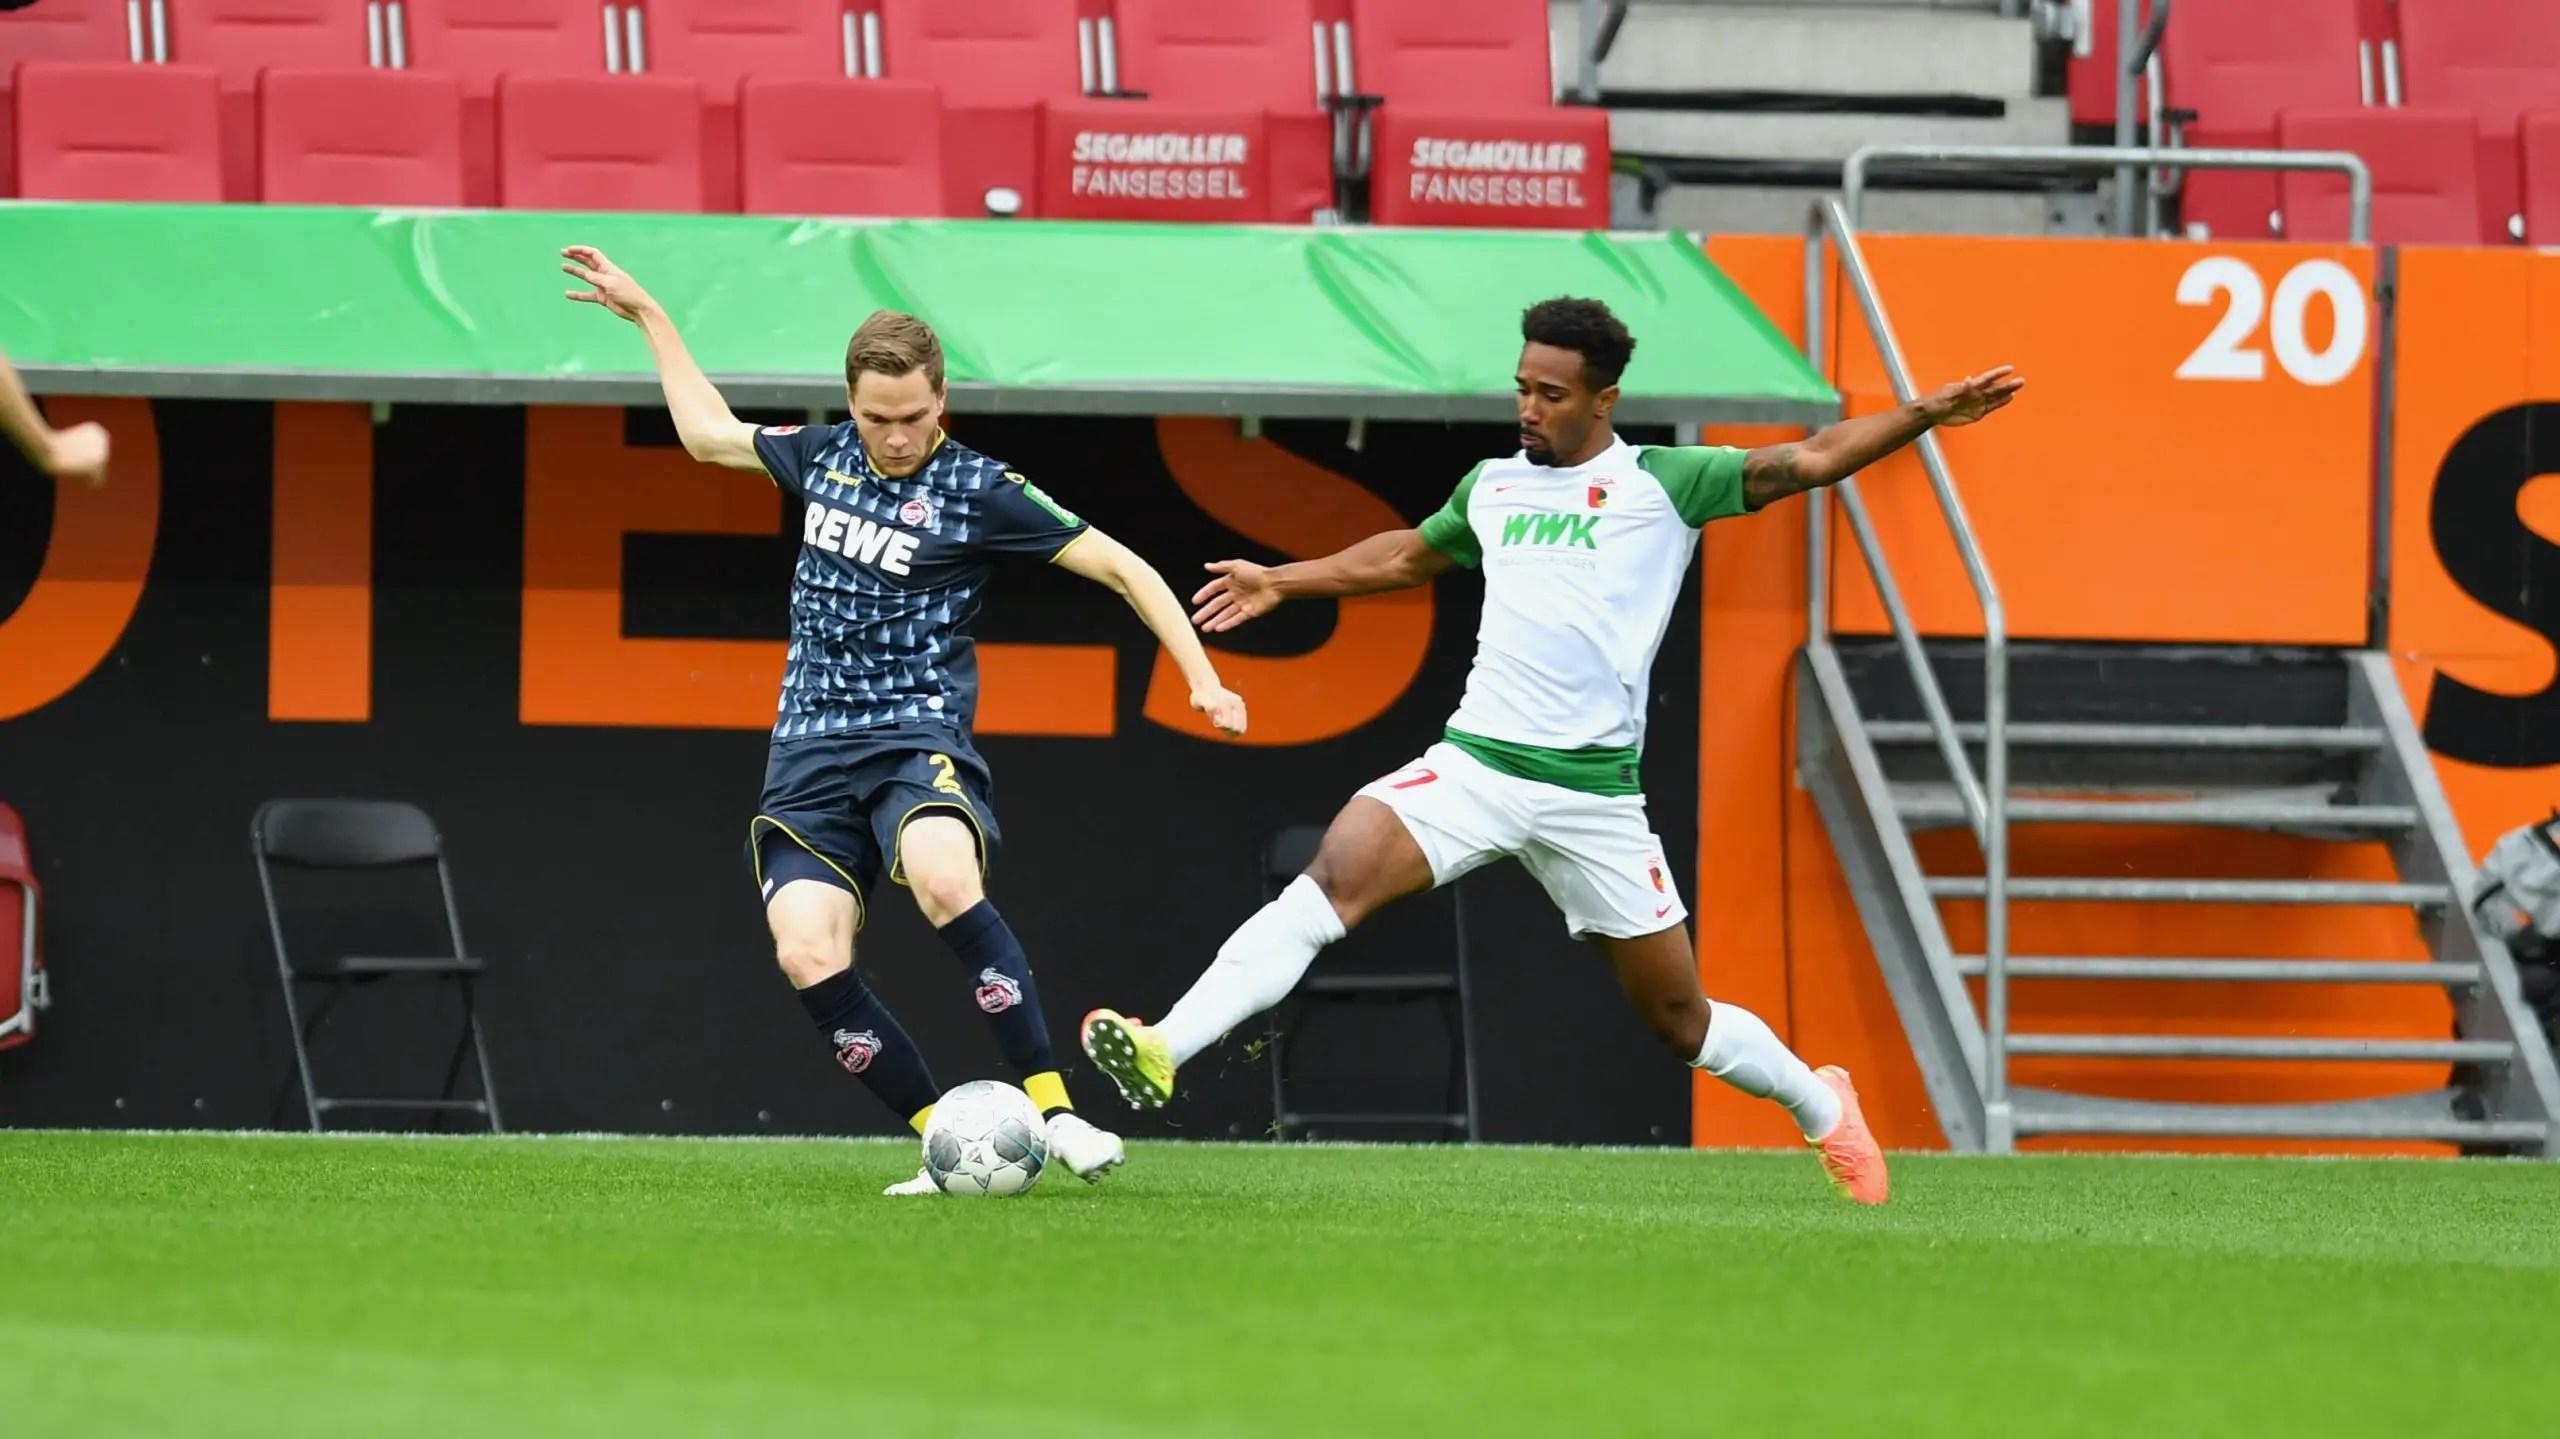 Sarenren-Bazee Nominated For Augsburg's Man Of The Match Award